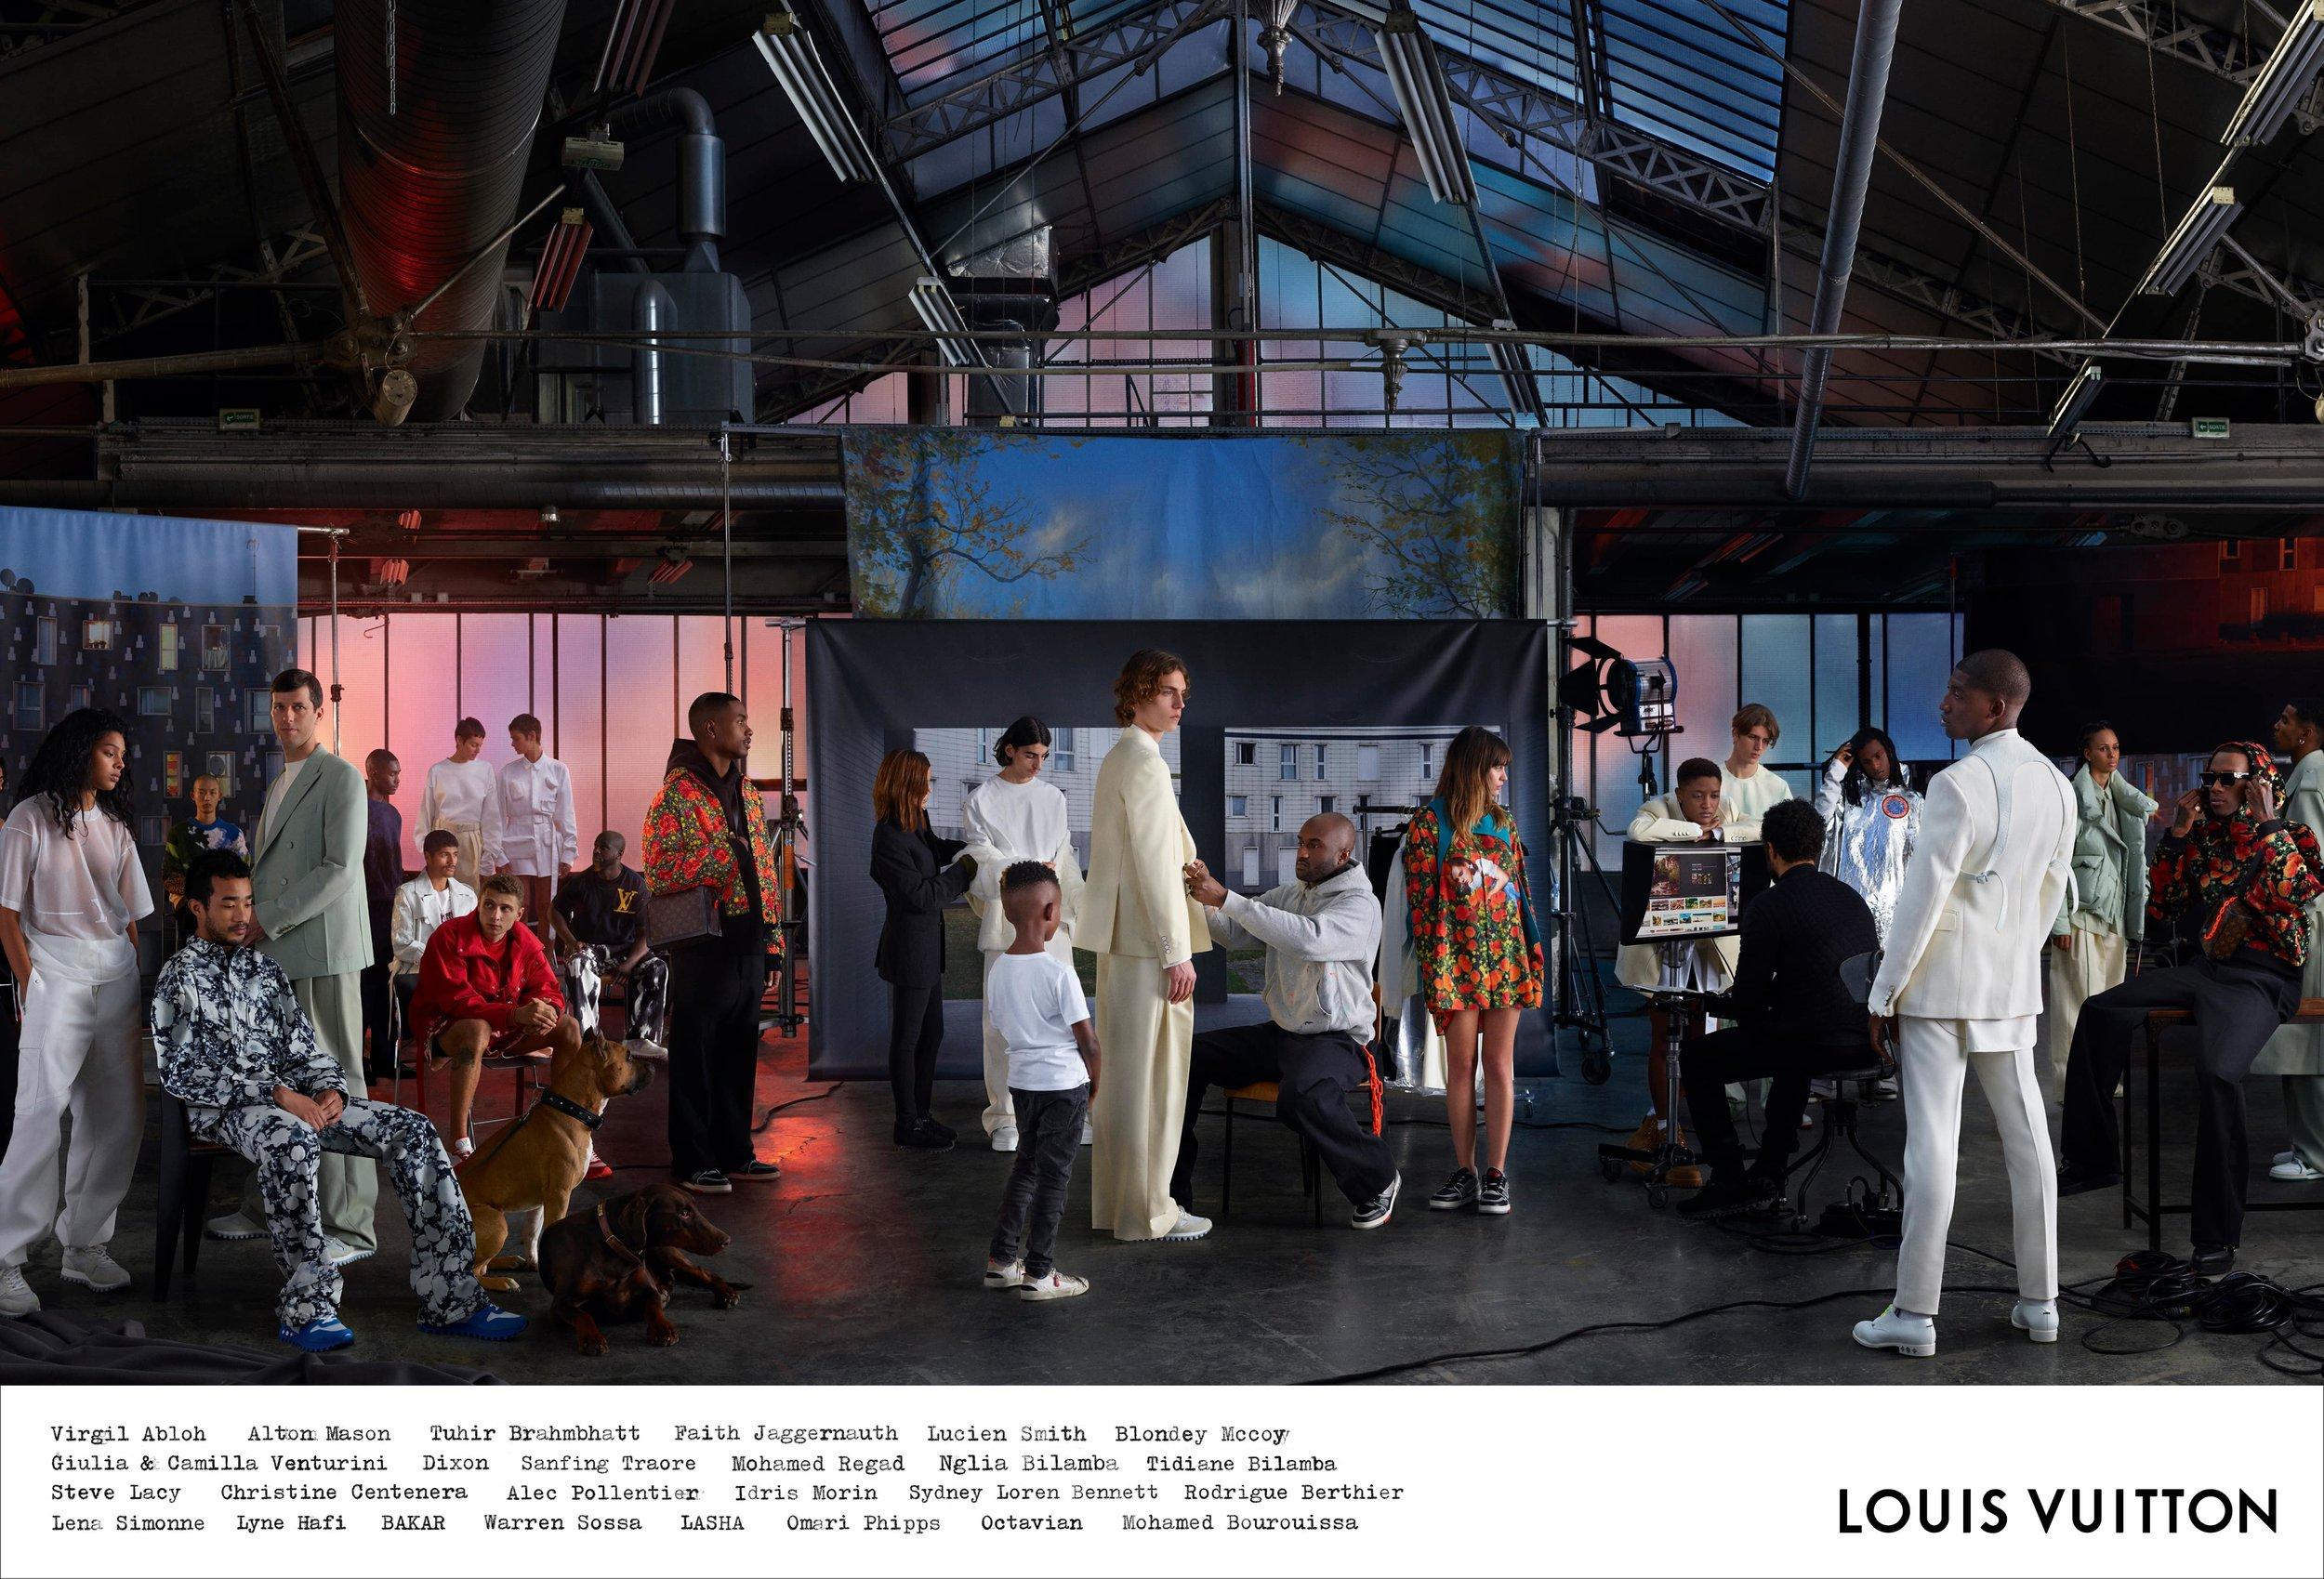 Flaunt-Louis-Vuitton-1- Mohamed Bourouissa.JPG